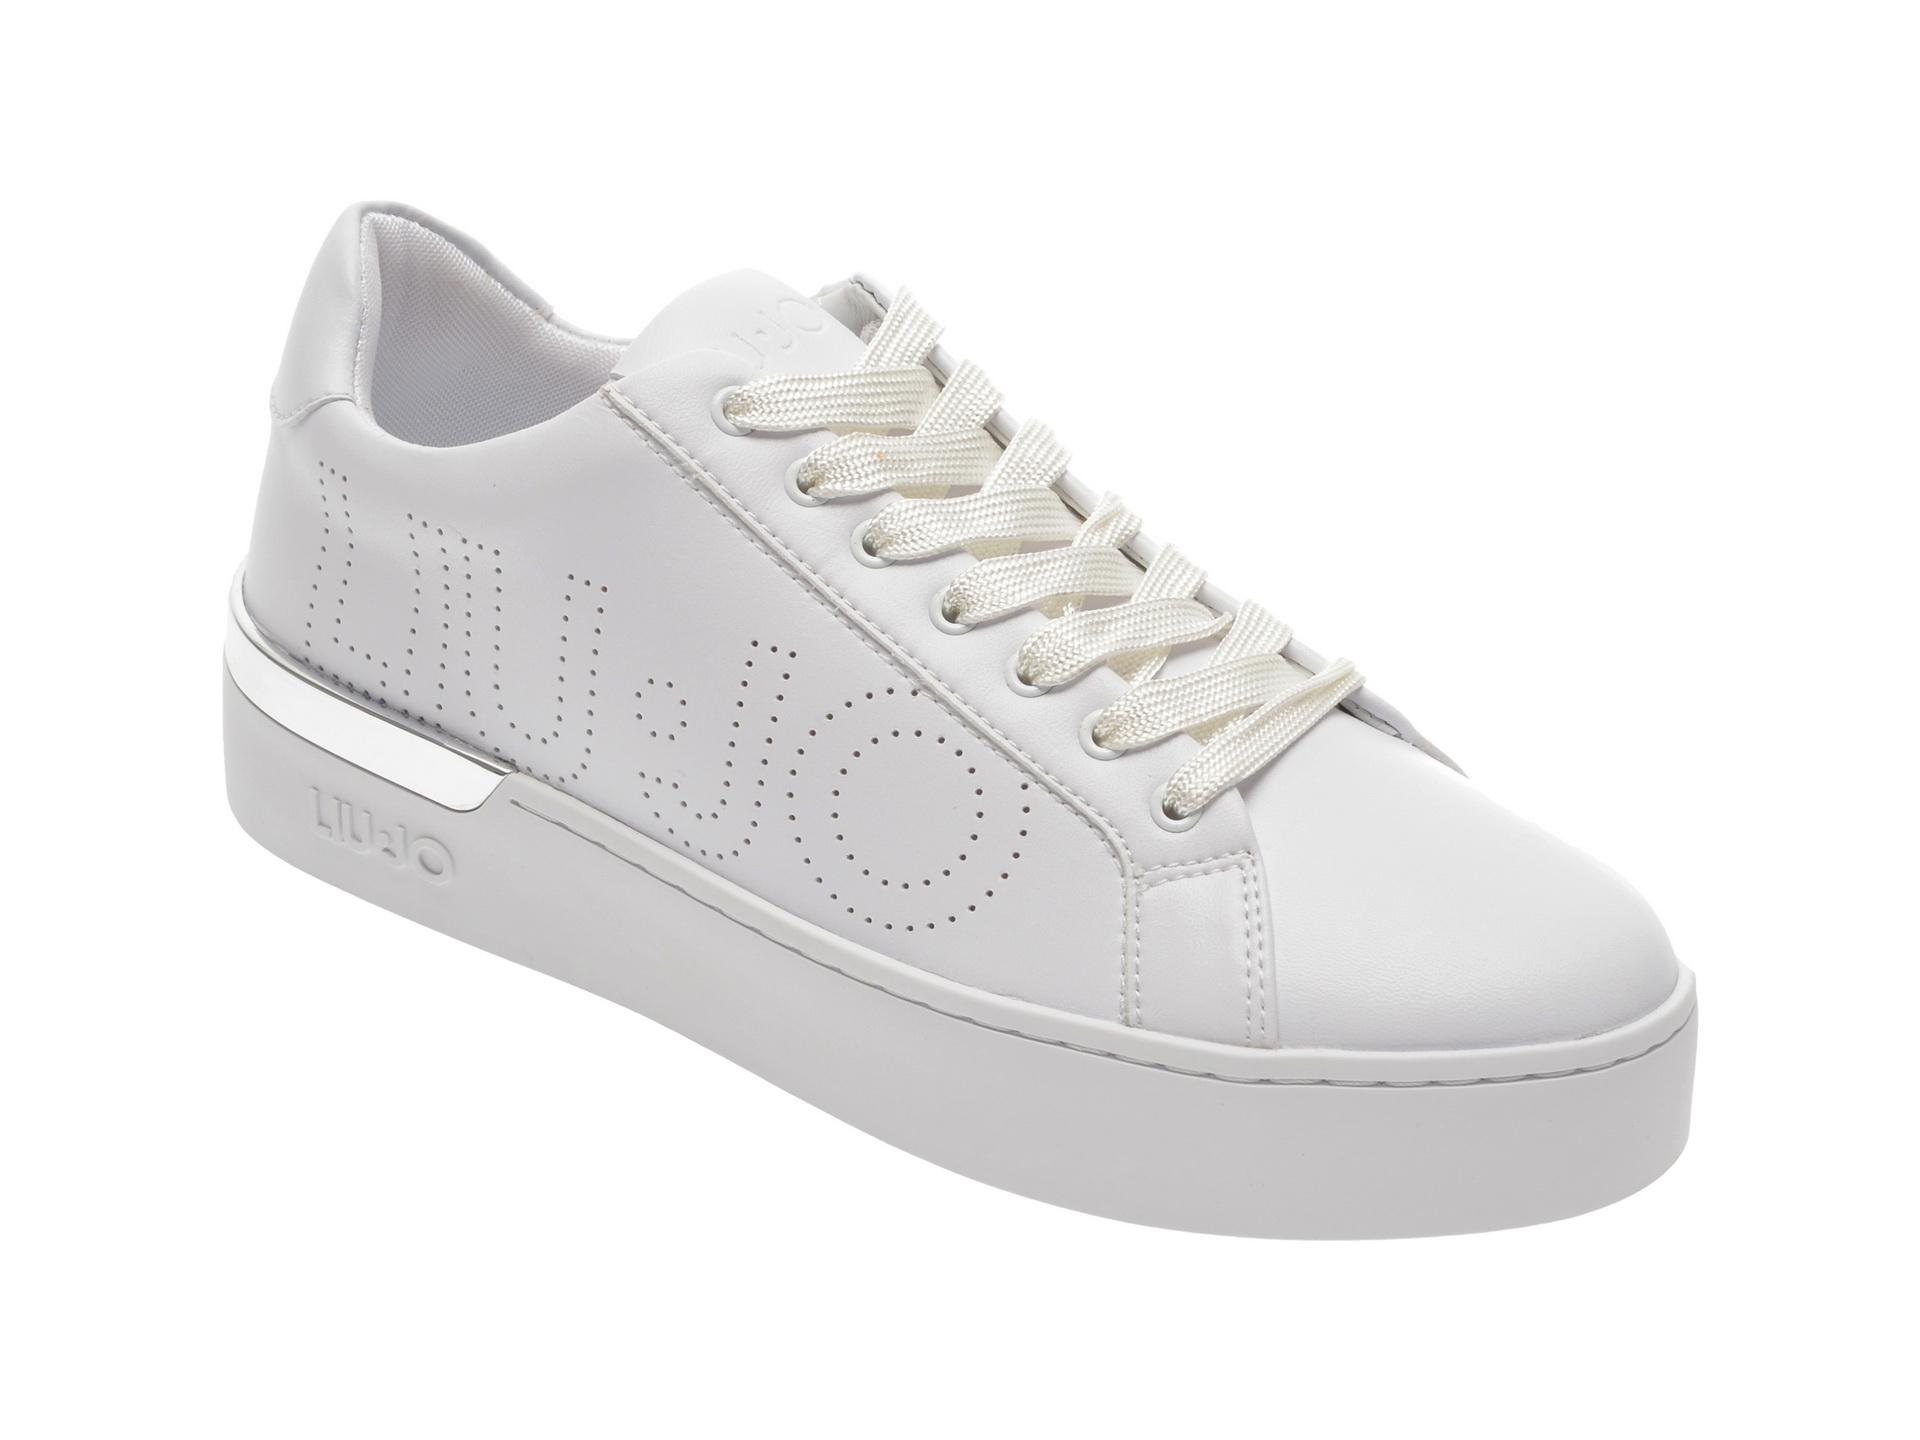 Pantofi sport LIU JO albi, SILV10, din piele ecologica